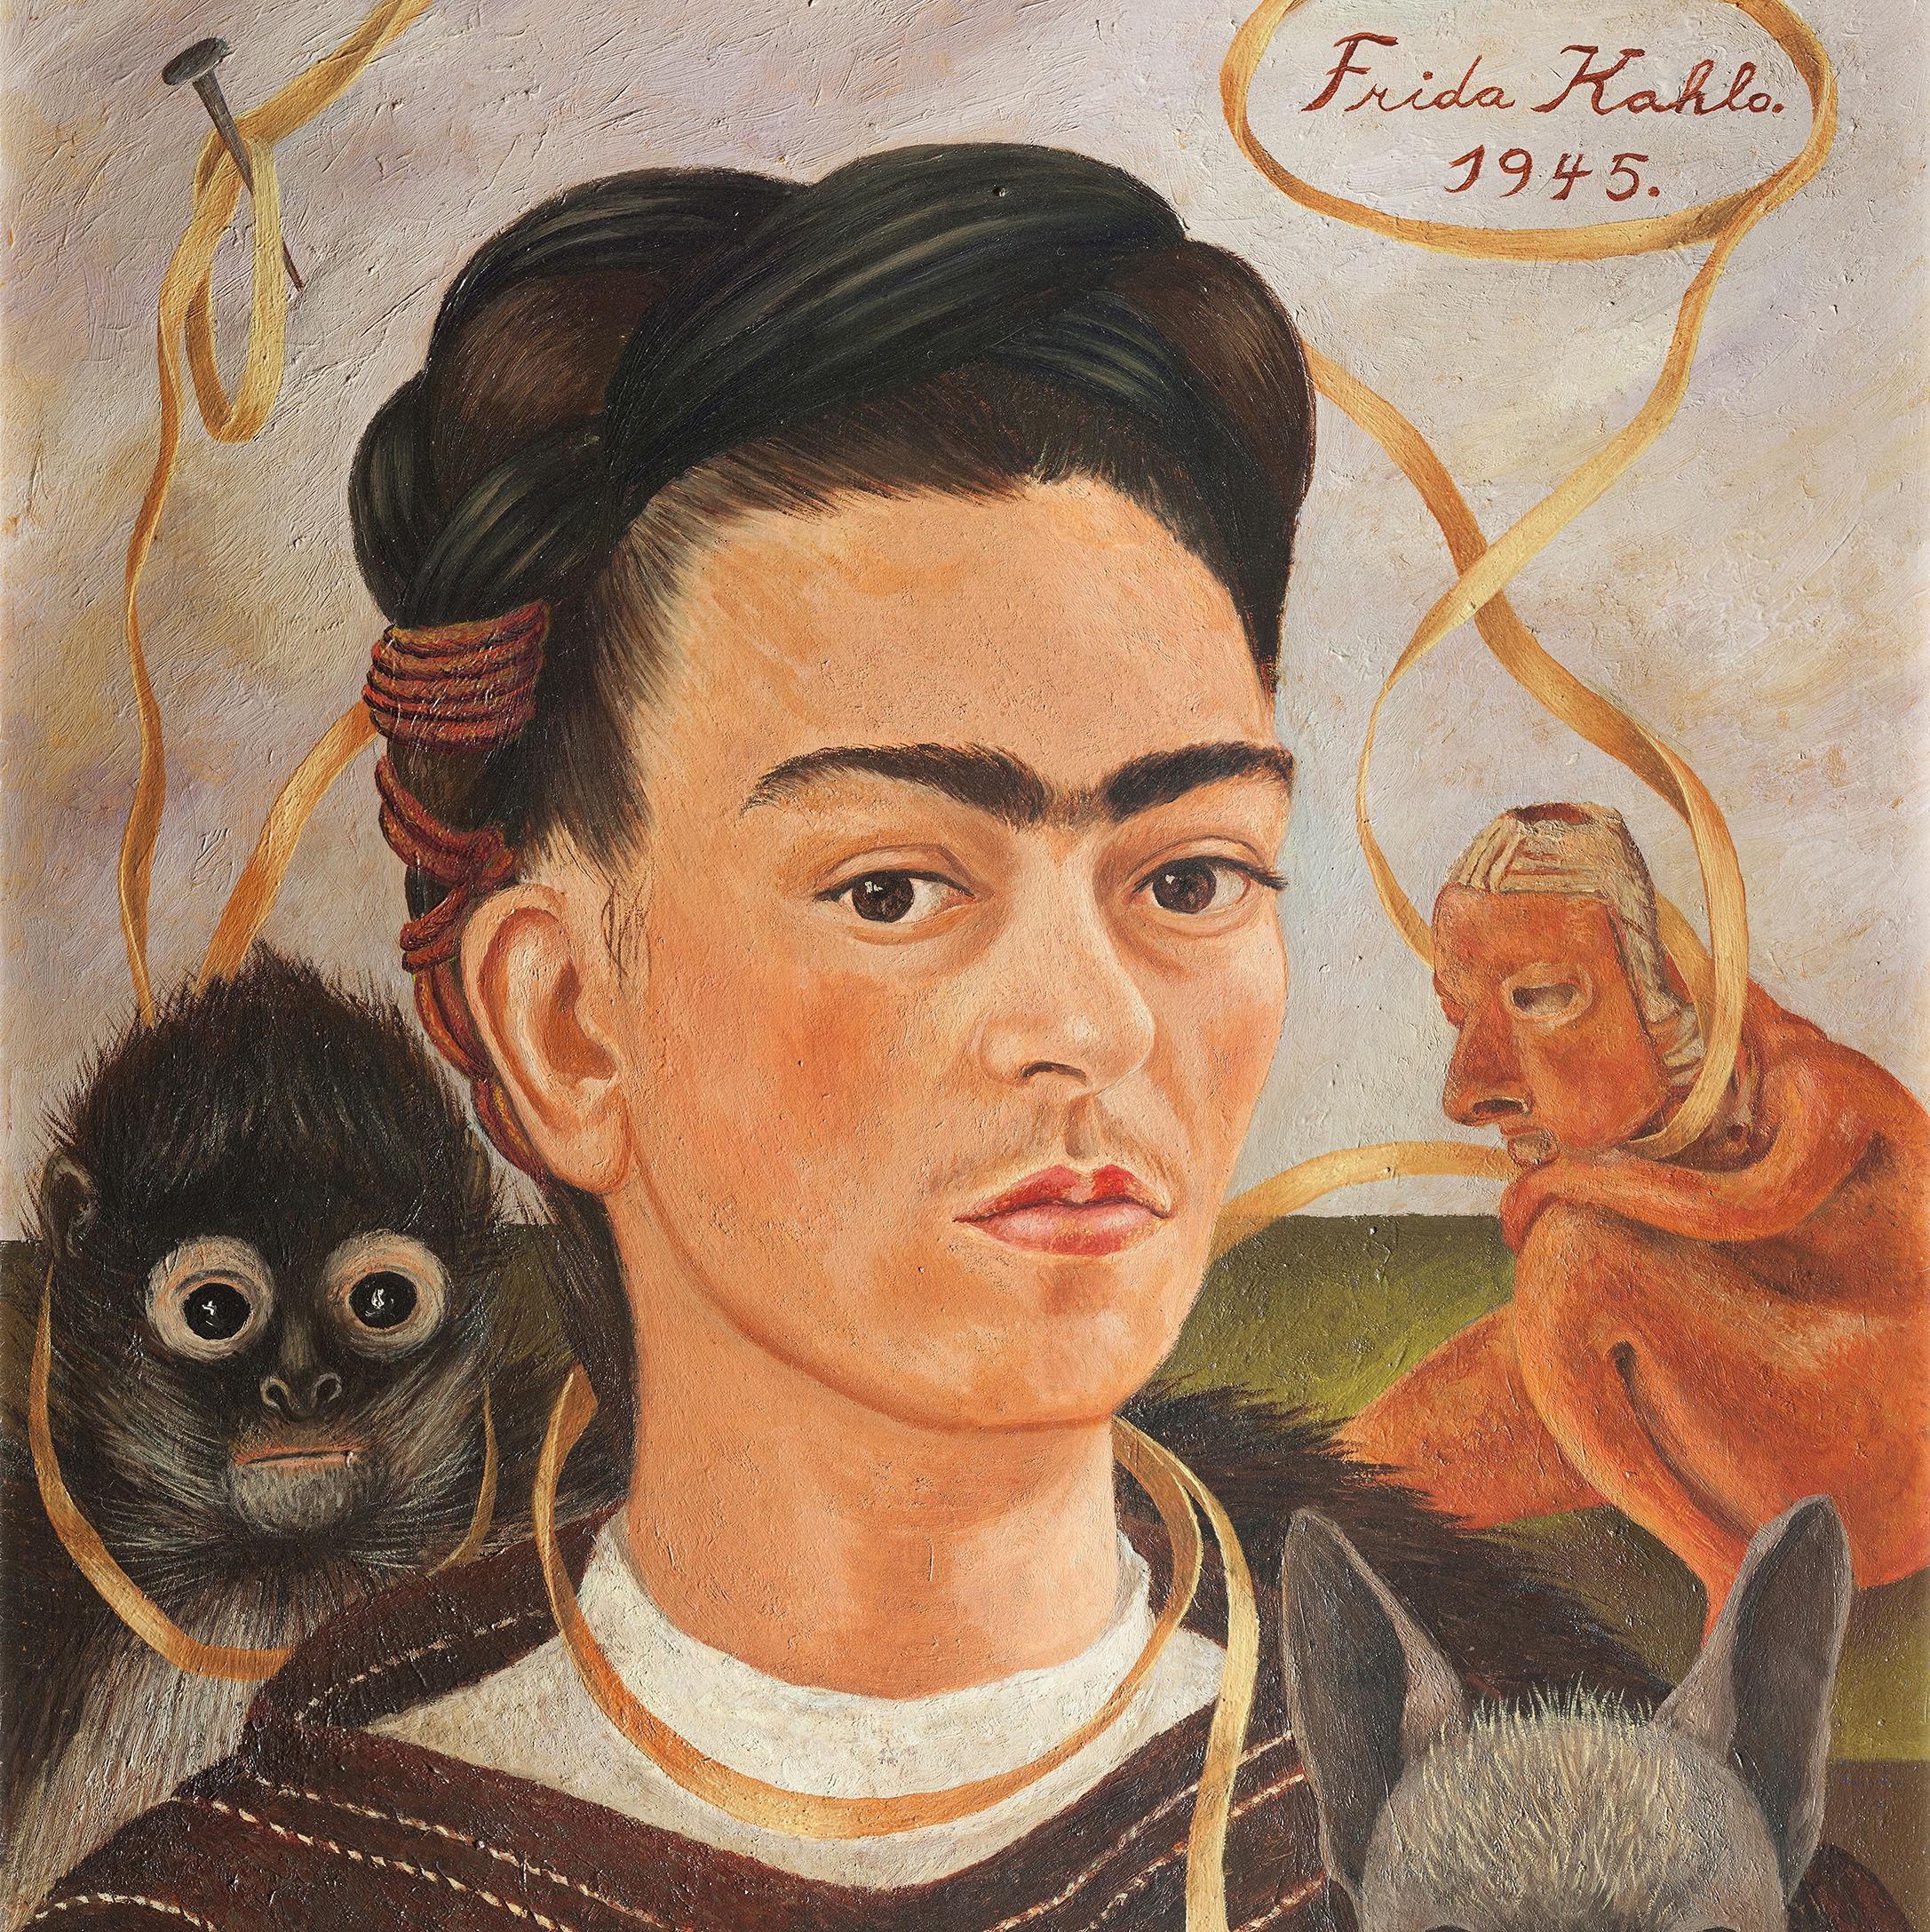 Frida kahlo at the dali wl8mtv